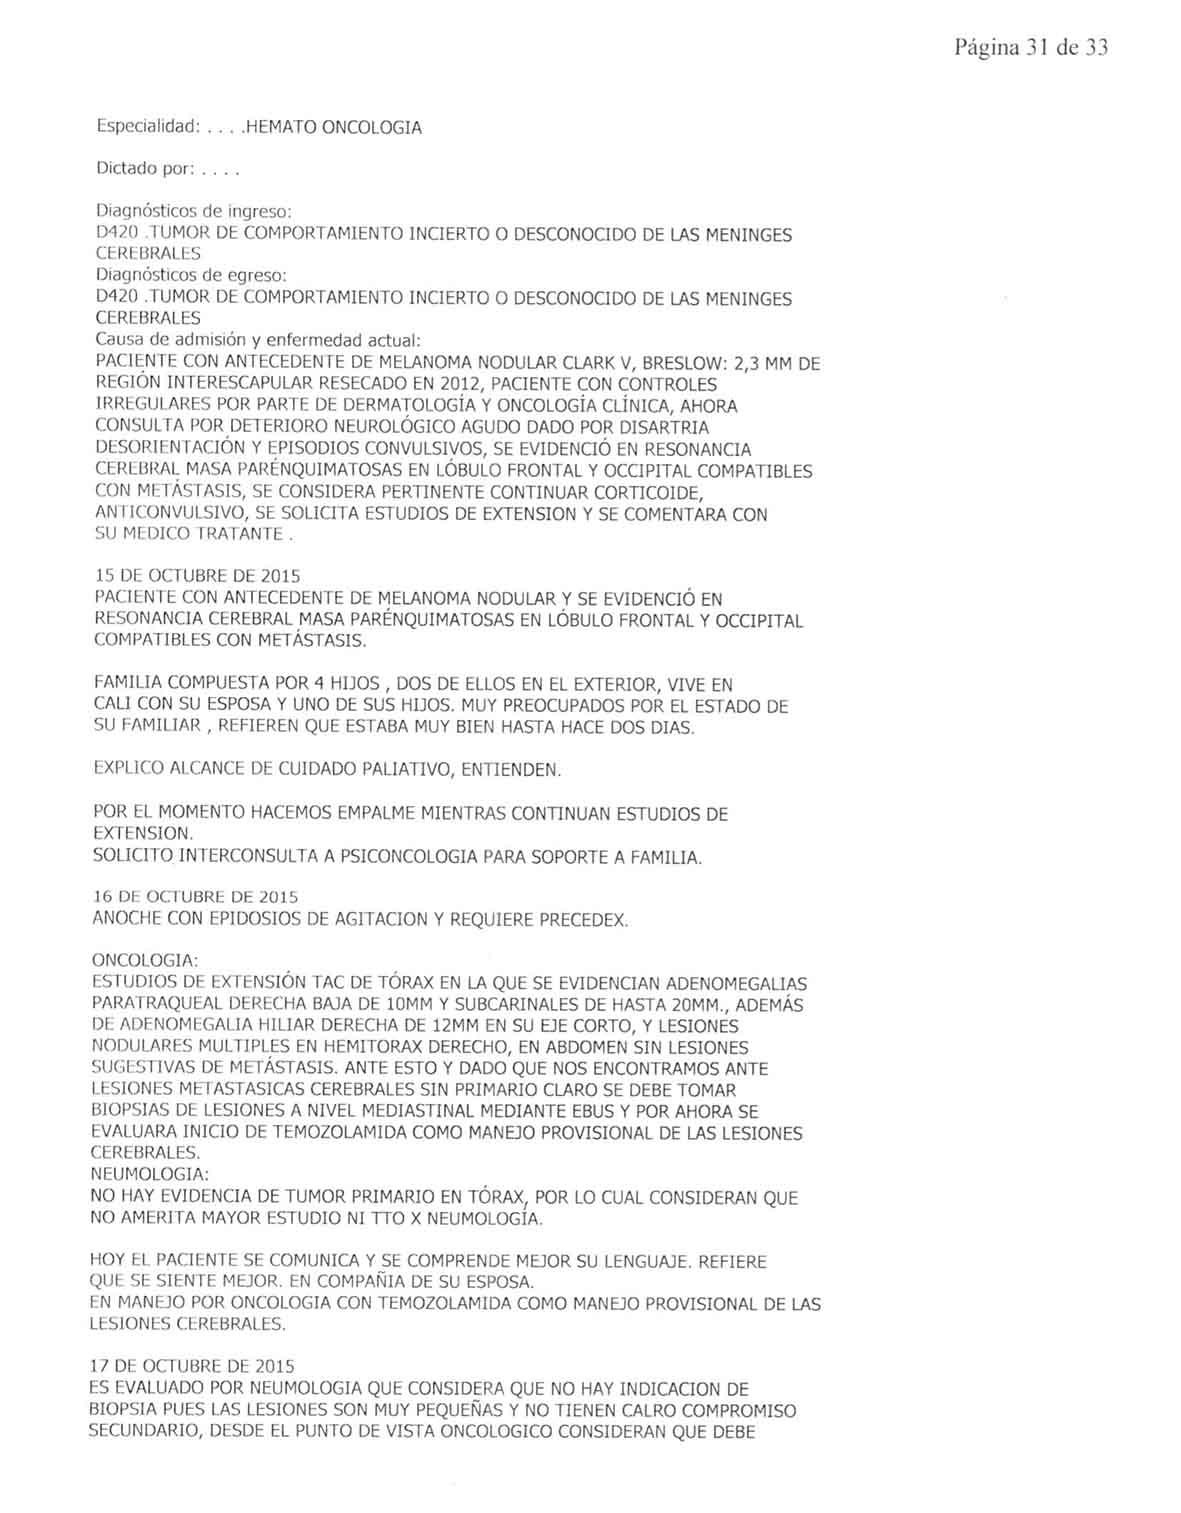 LifEscozul® - Danilo 2 - Cáncer Metastático Primario Desconocido